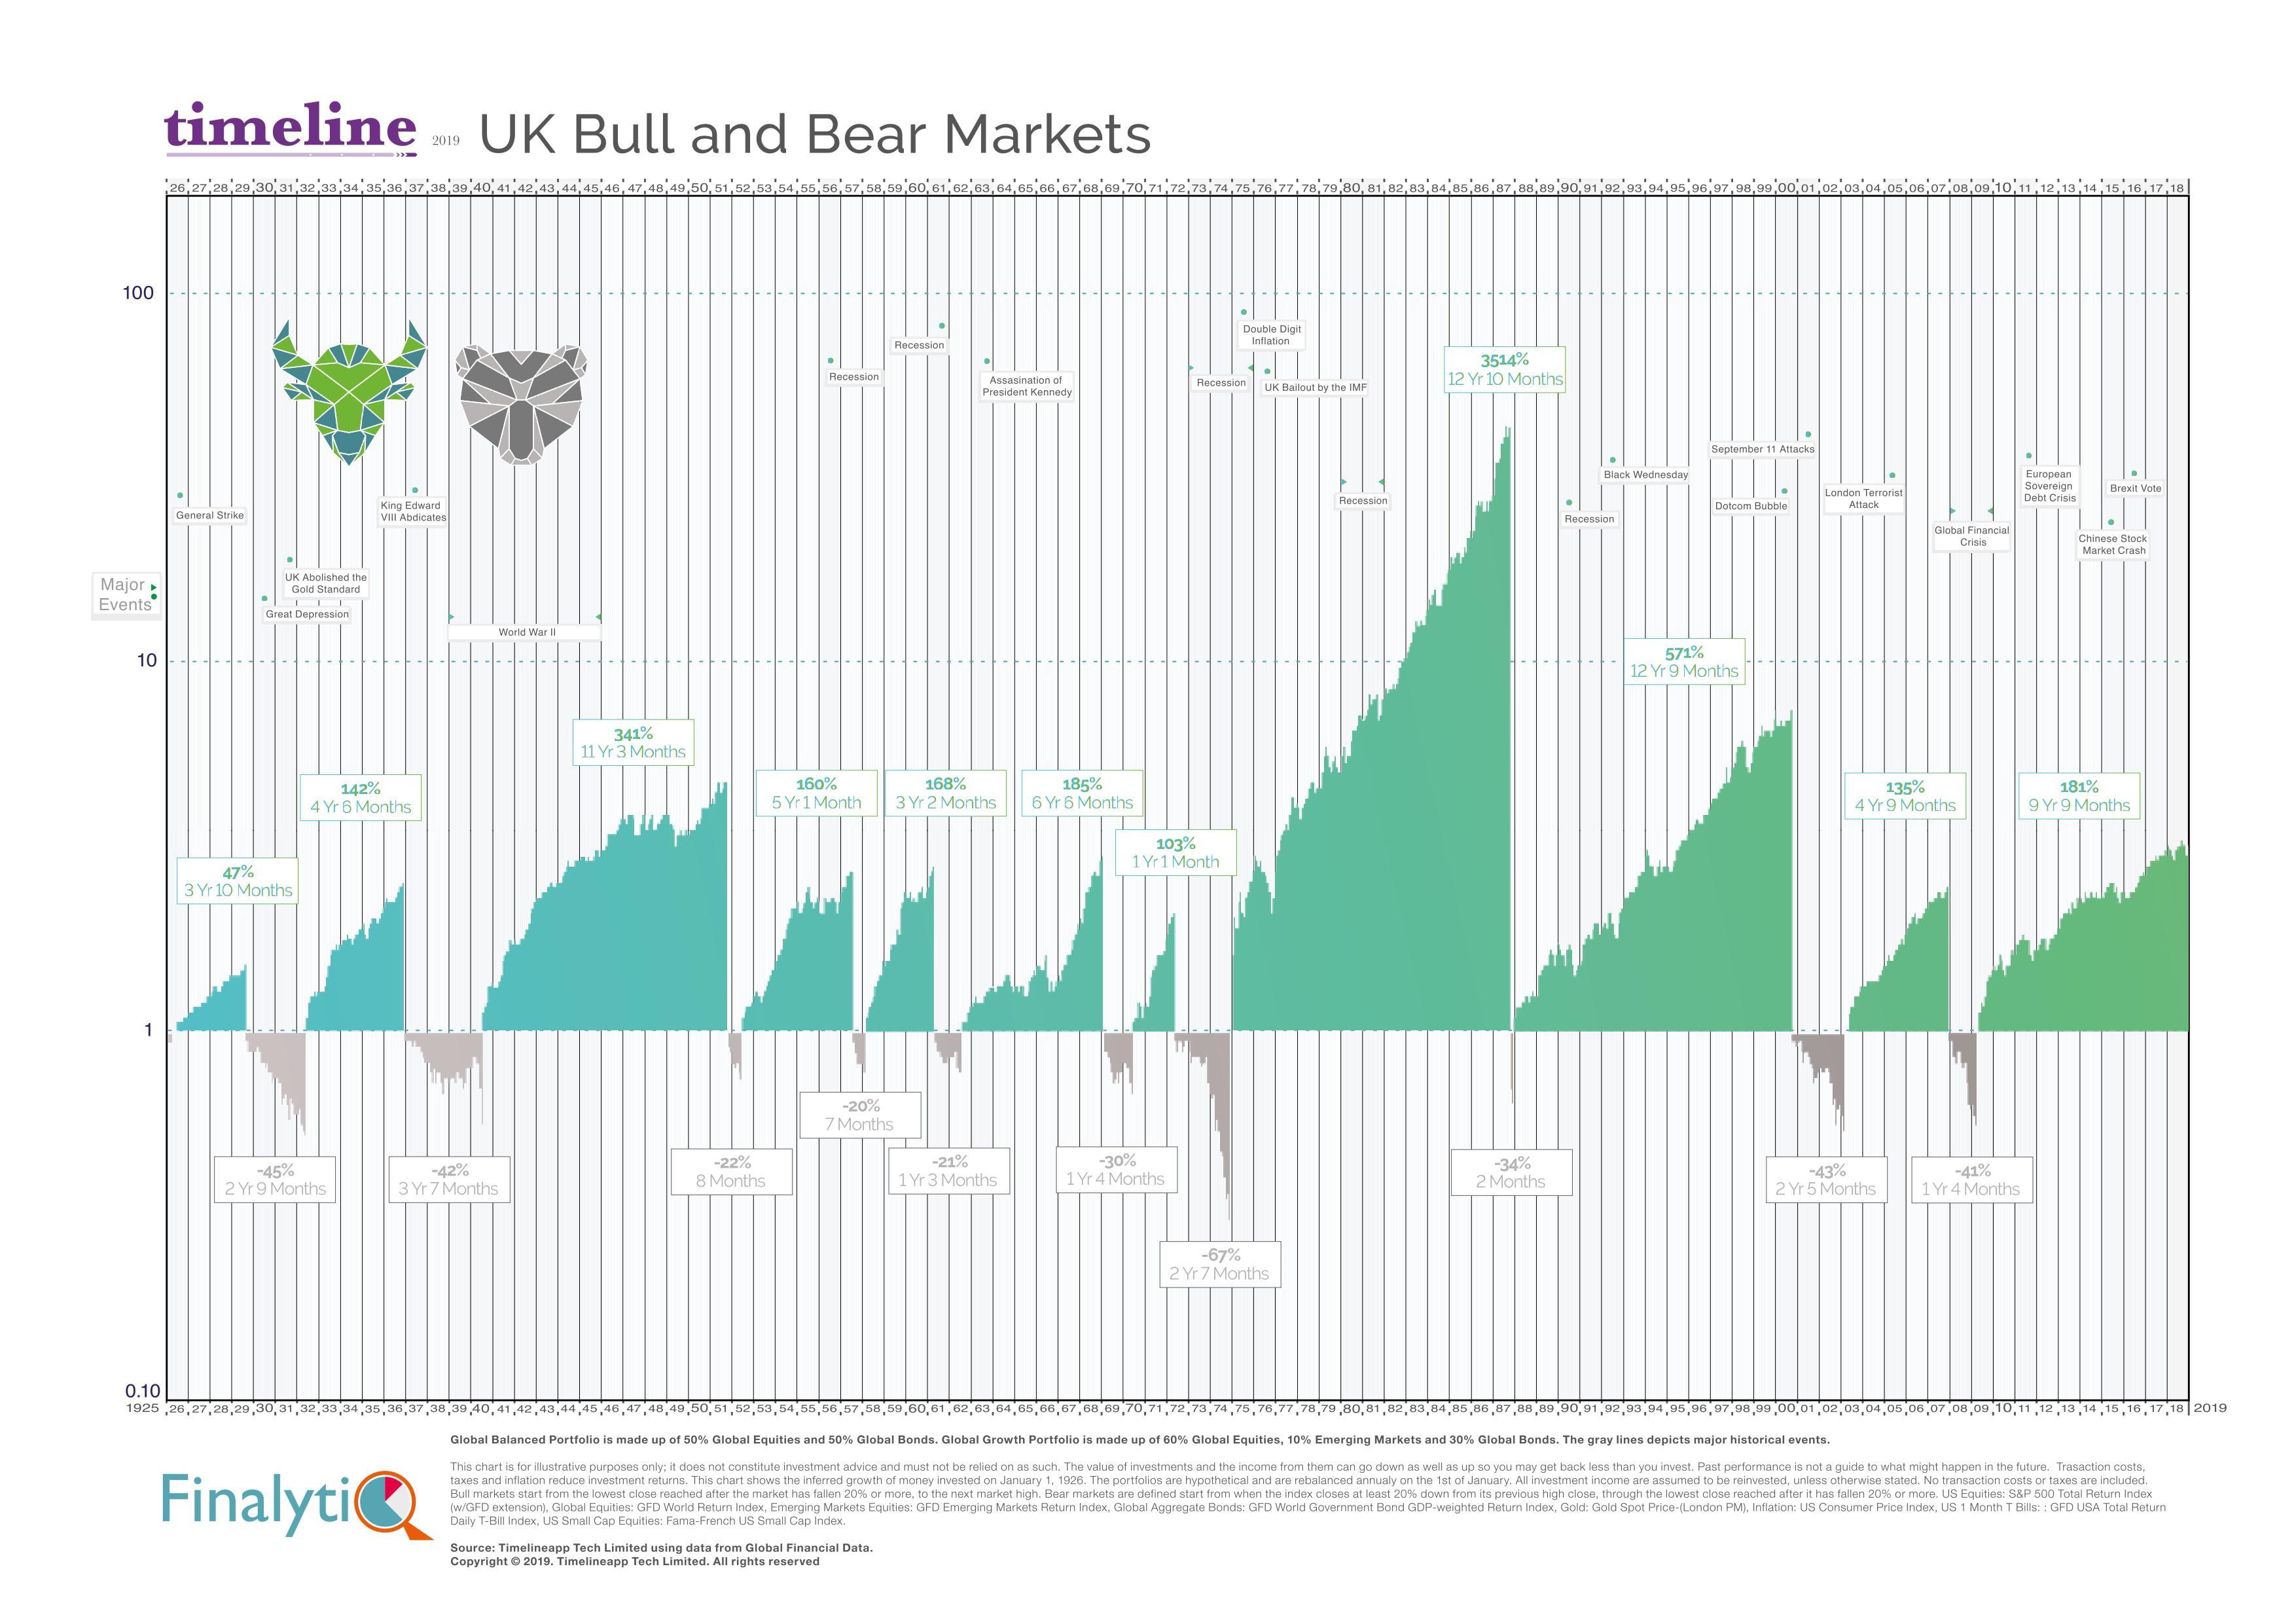 UK Bull and Bear Markets